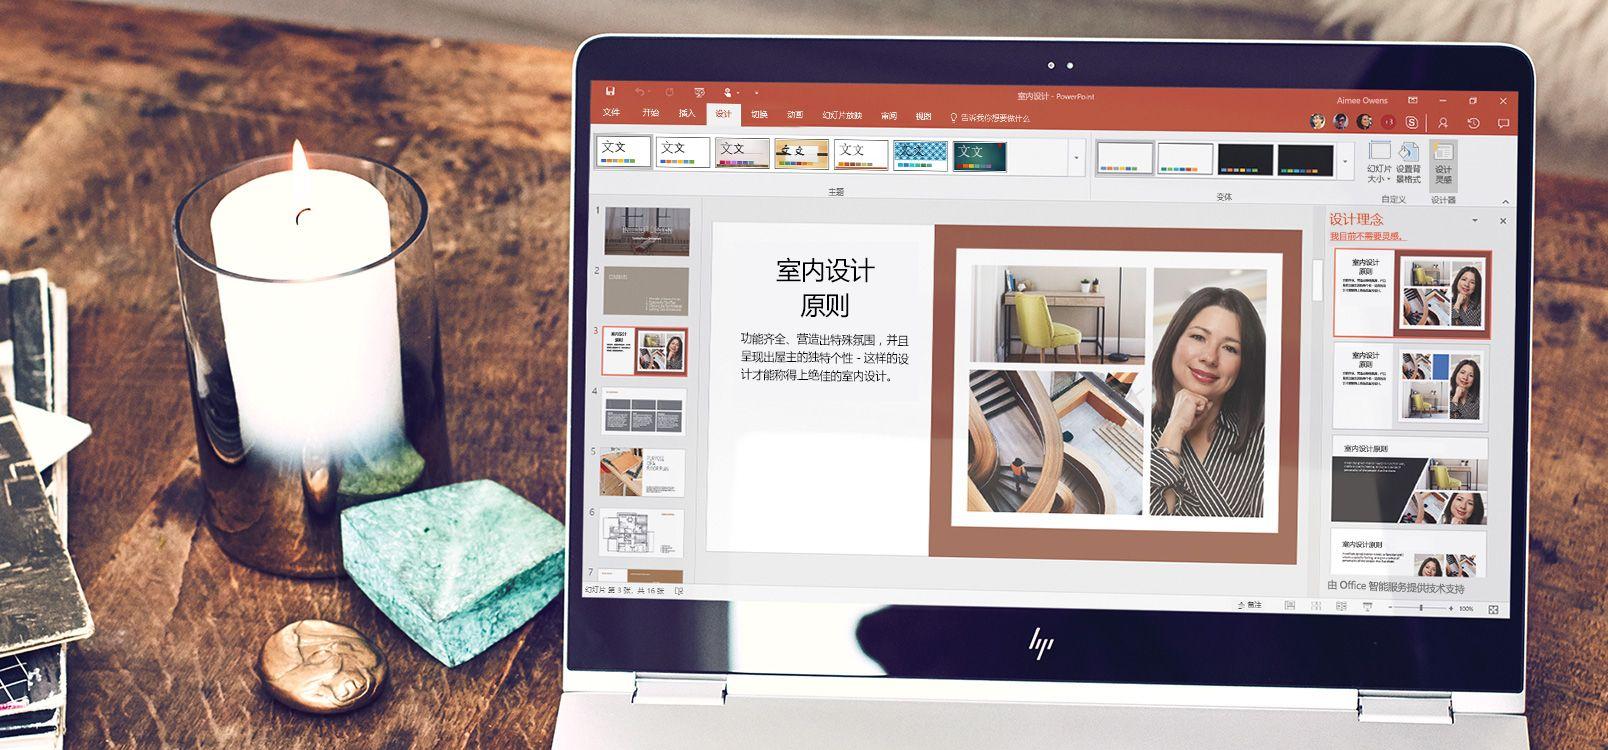 平板电脑屏幕,显示使用 PowerPoint 设计器功能的 PowerPoint 文档